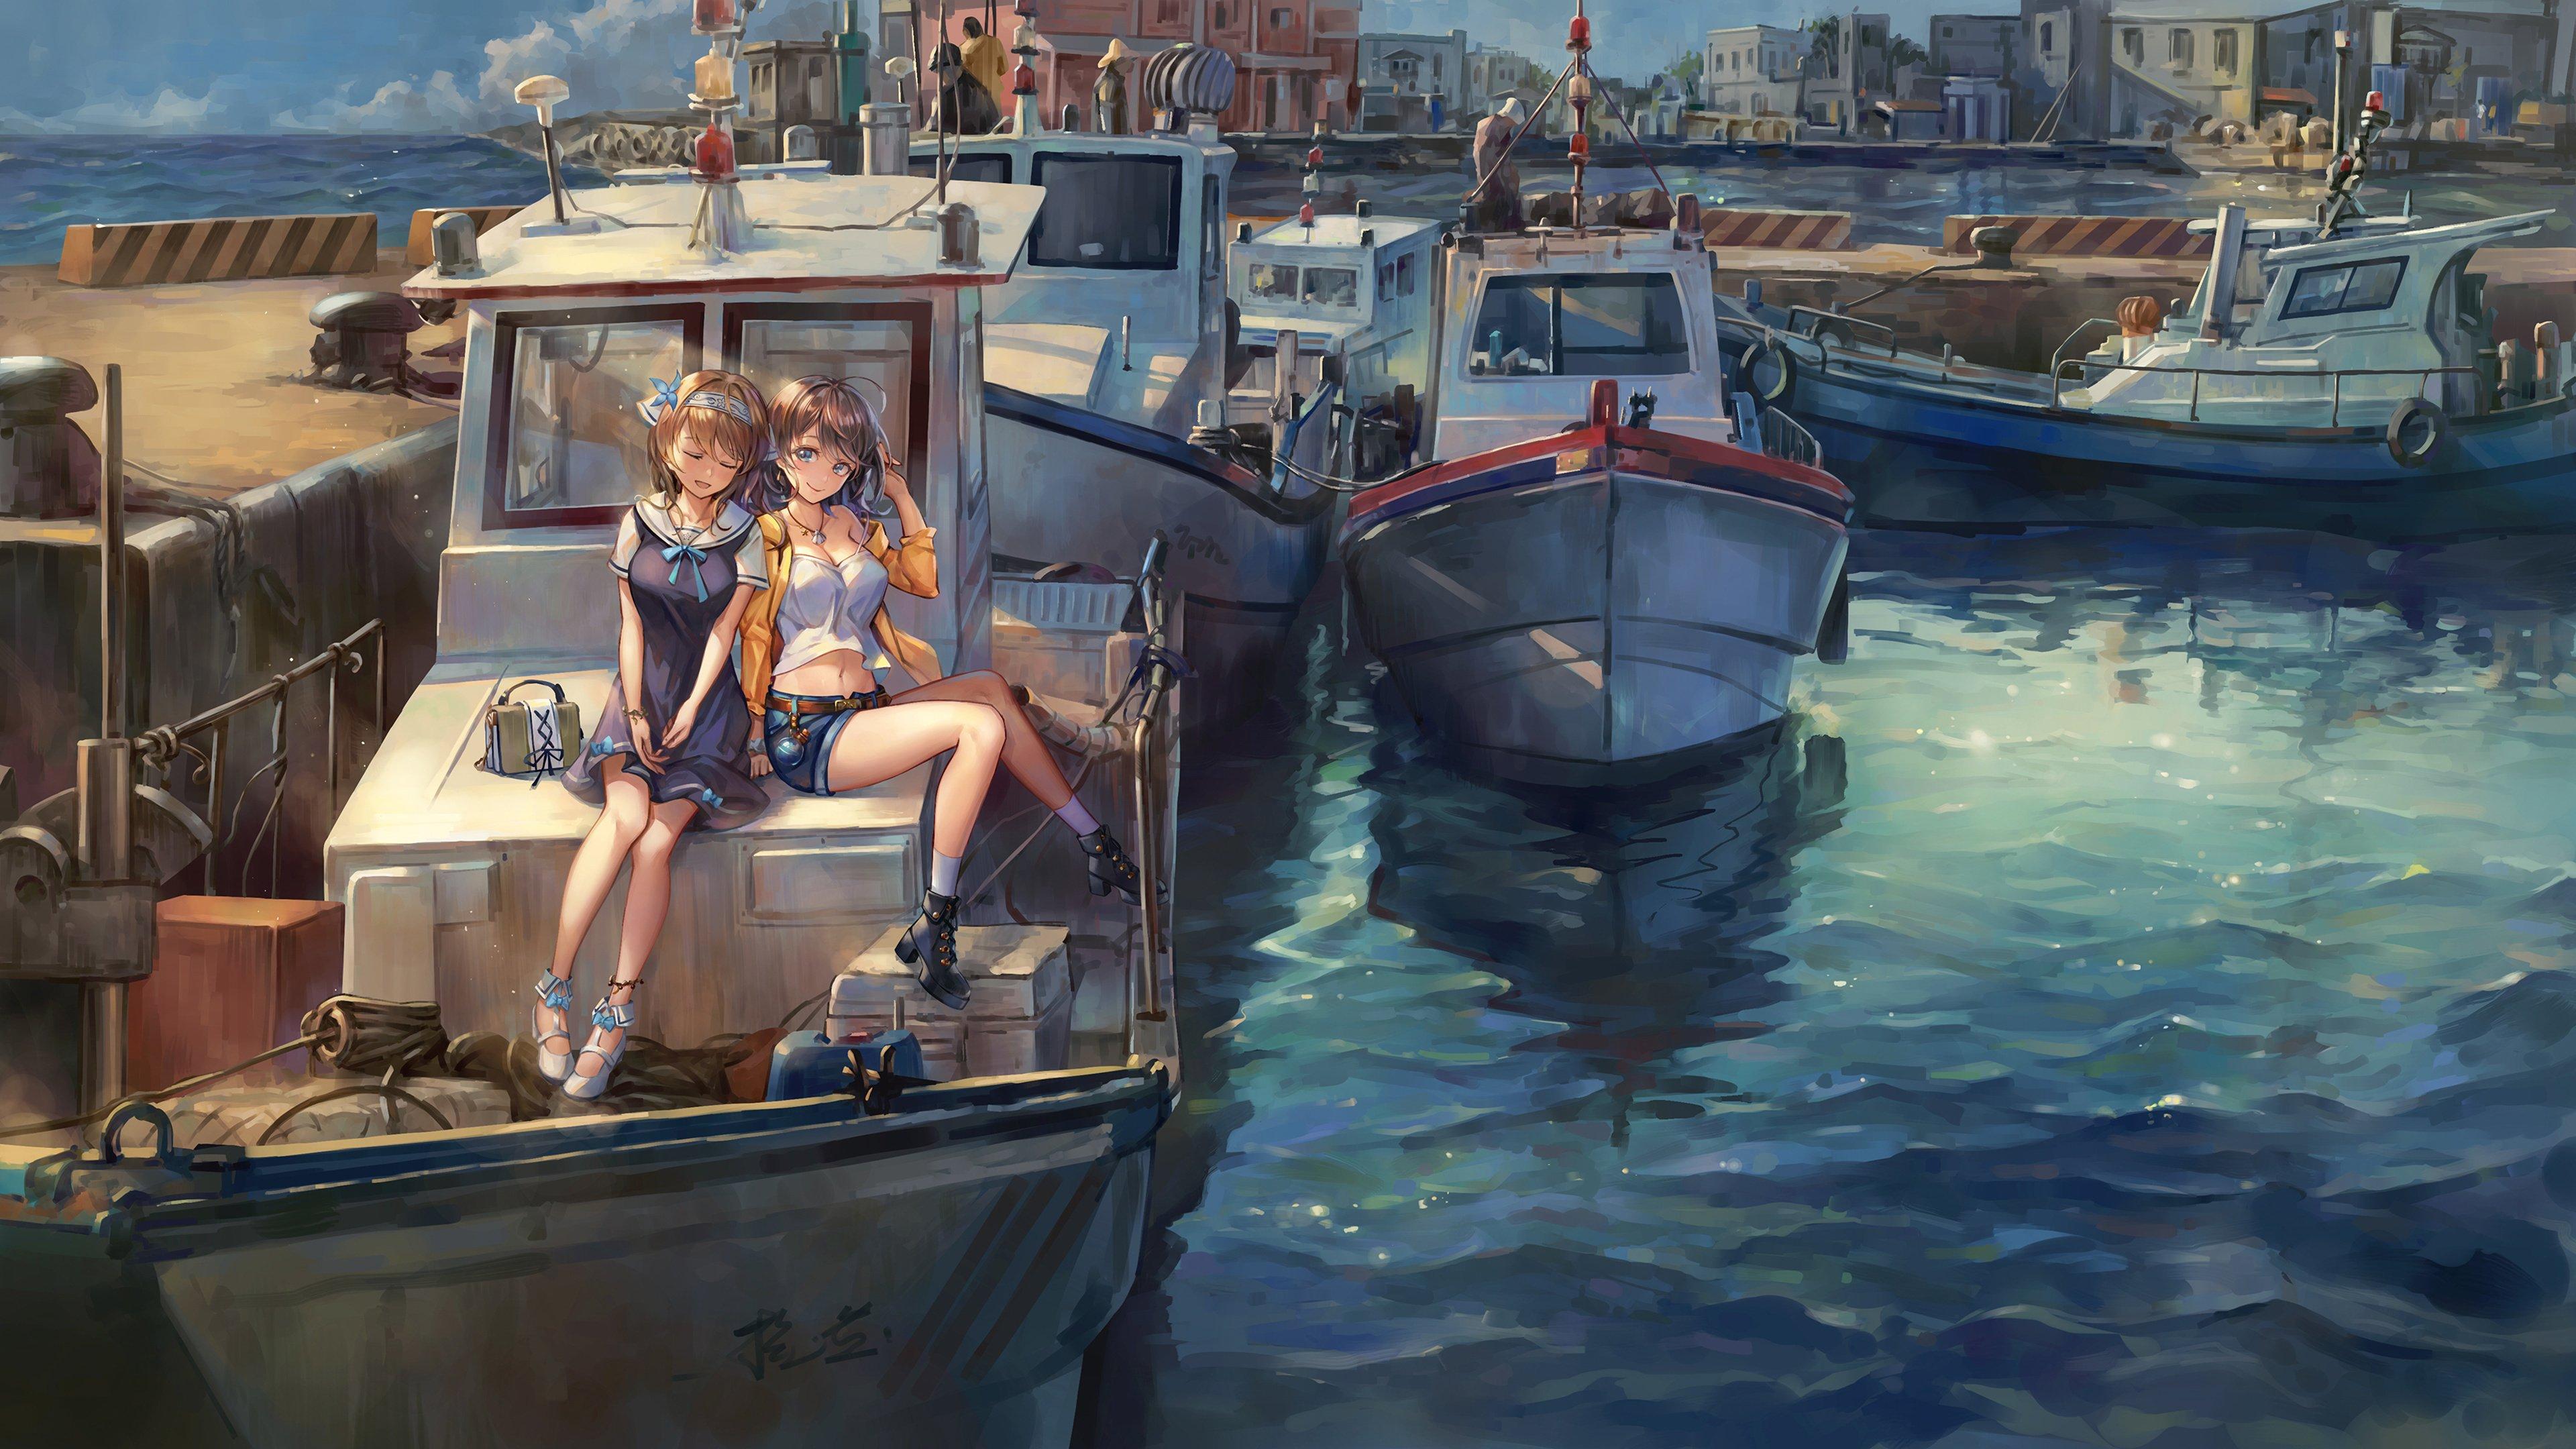 港口 坐在小船上的两个女孩高清动漫壁纸,高清电脑动漫壁纸插图